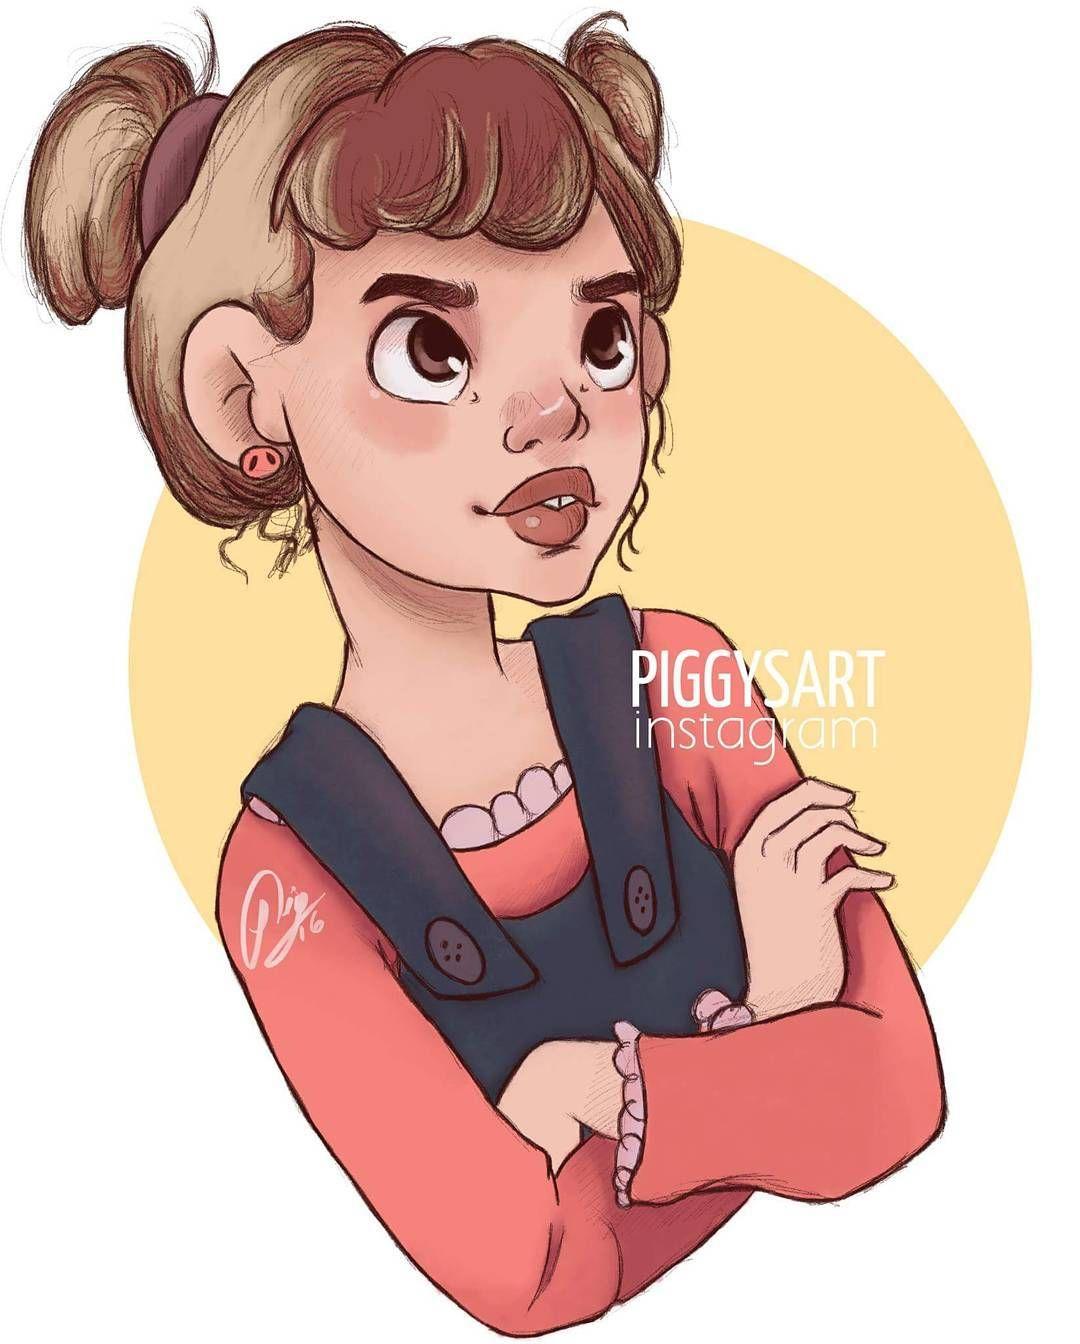 piggysart instagram facebook illustration drawing sketch